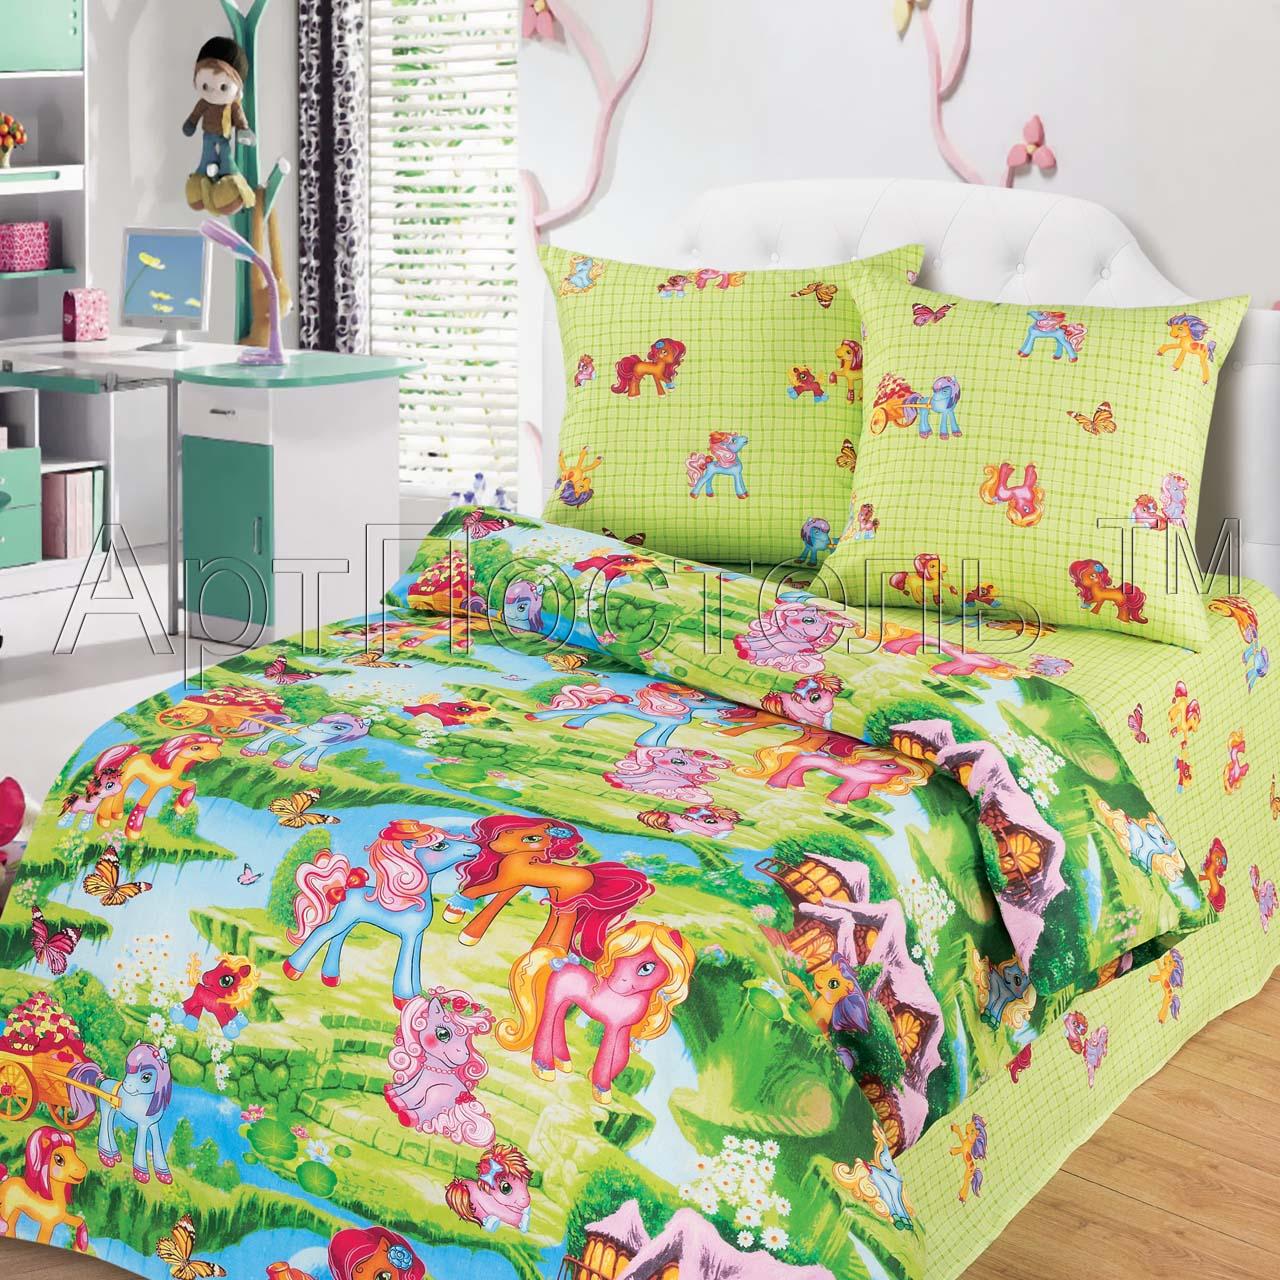 Детский комплект  Волшебные сны , размер 1,5-спальный - Постельное белье артикул: 7817